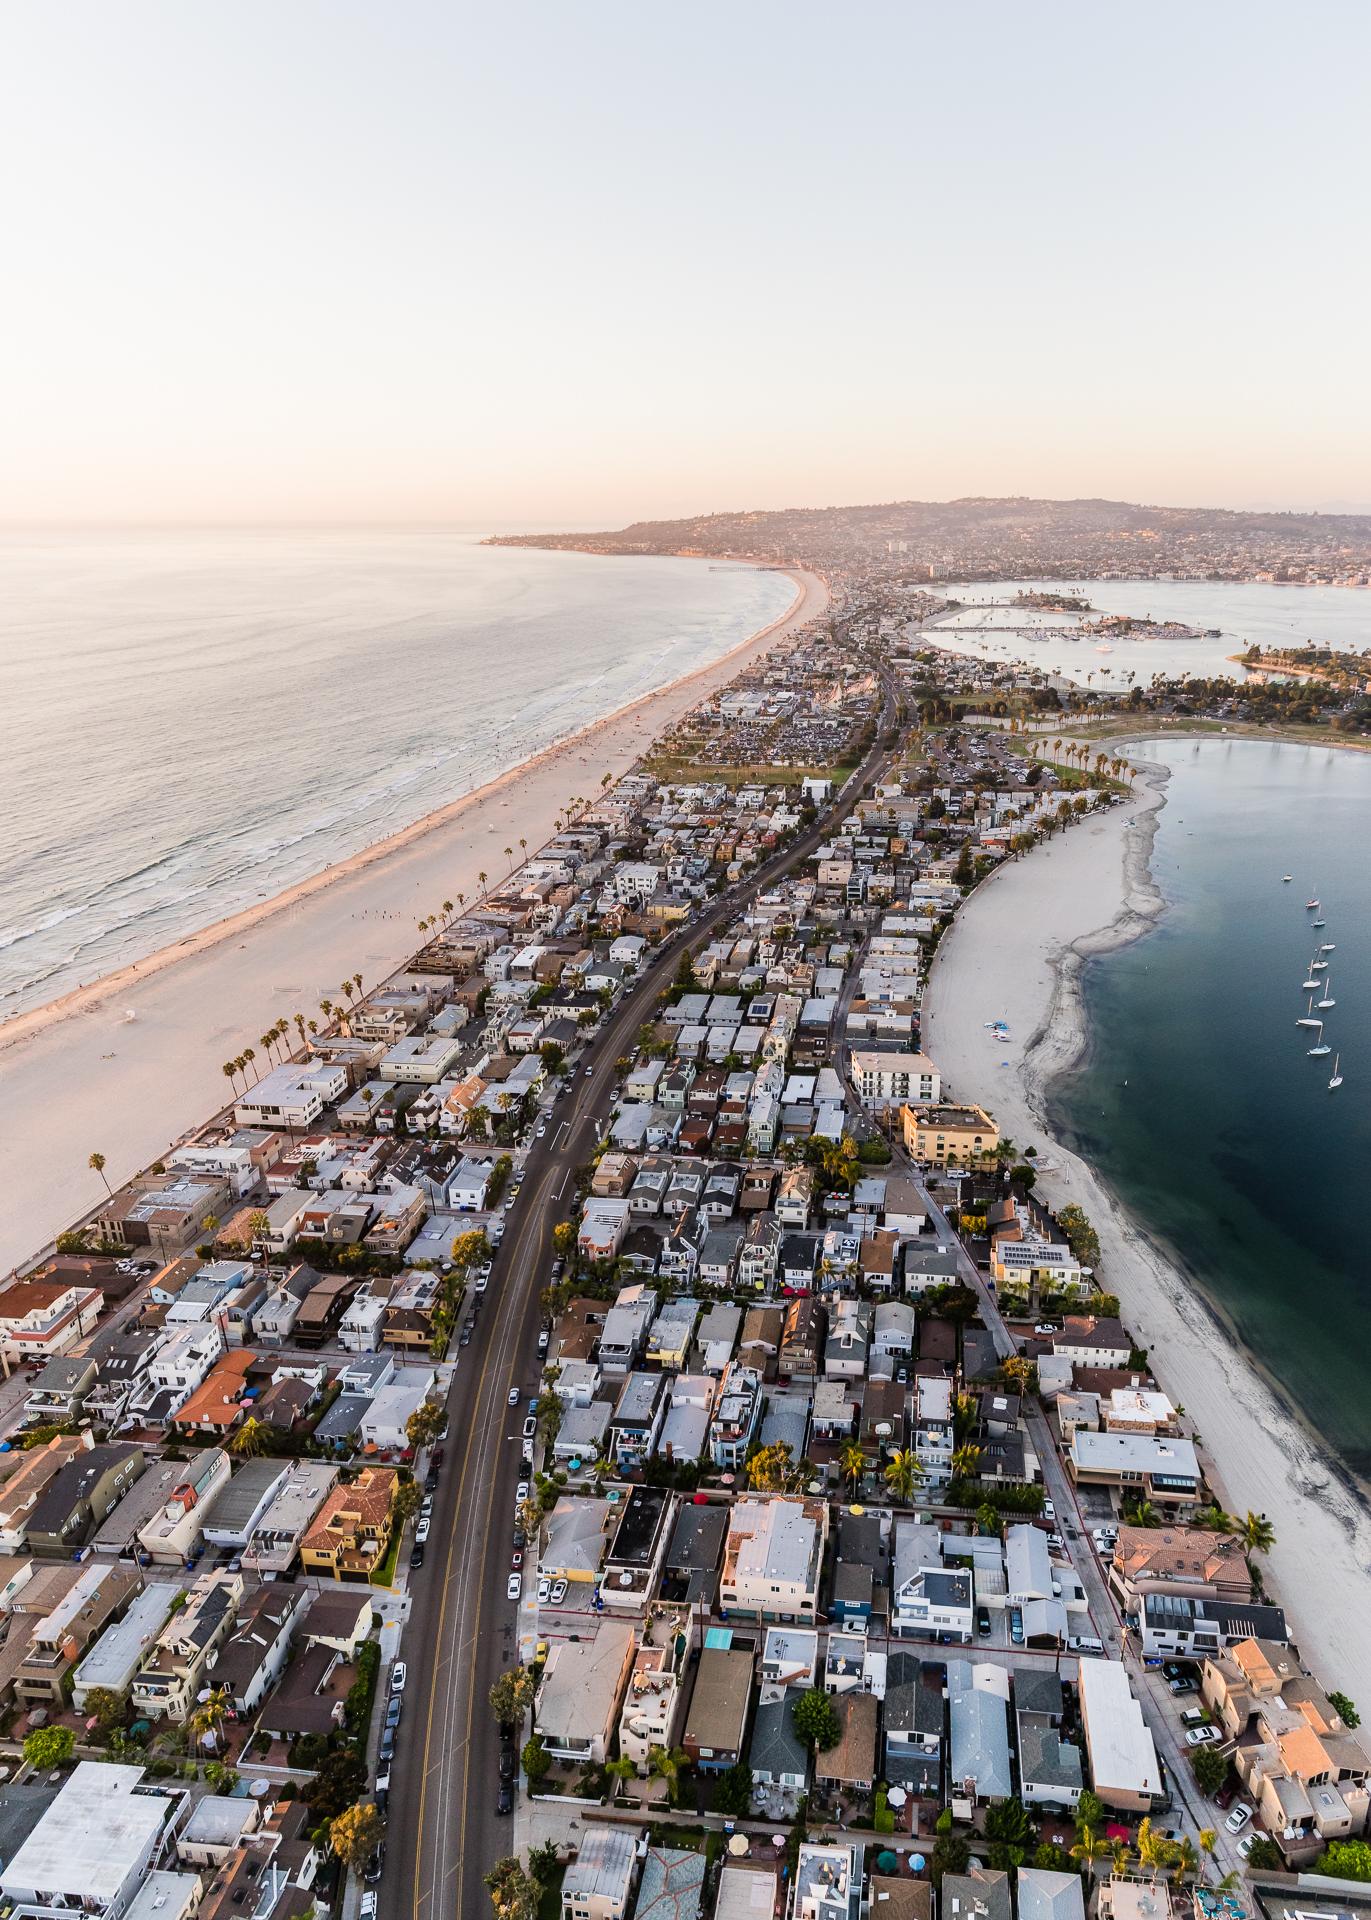 Mission Bay San Diego Aerial